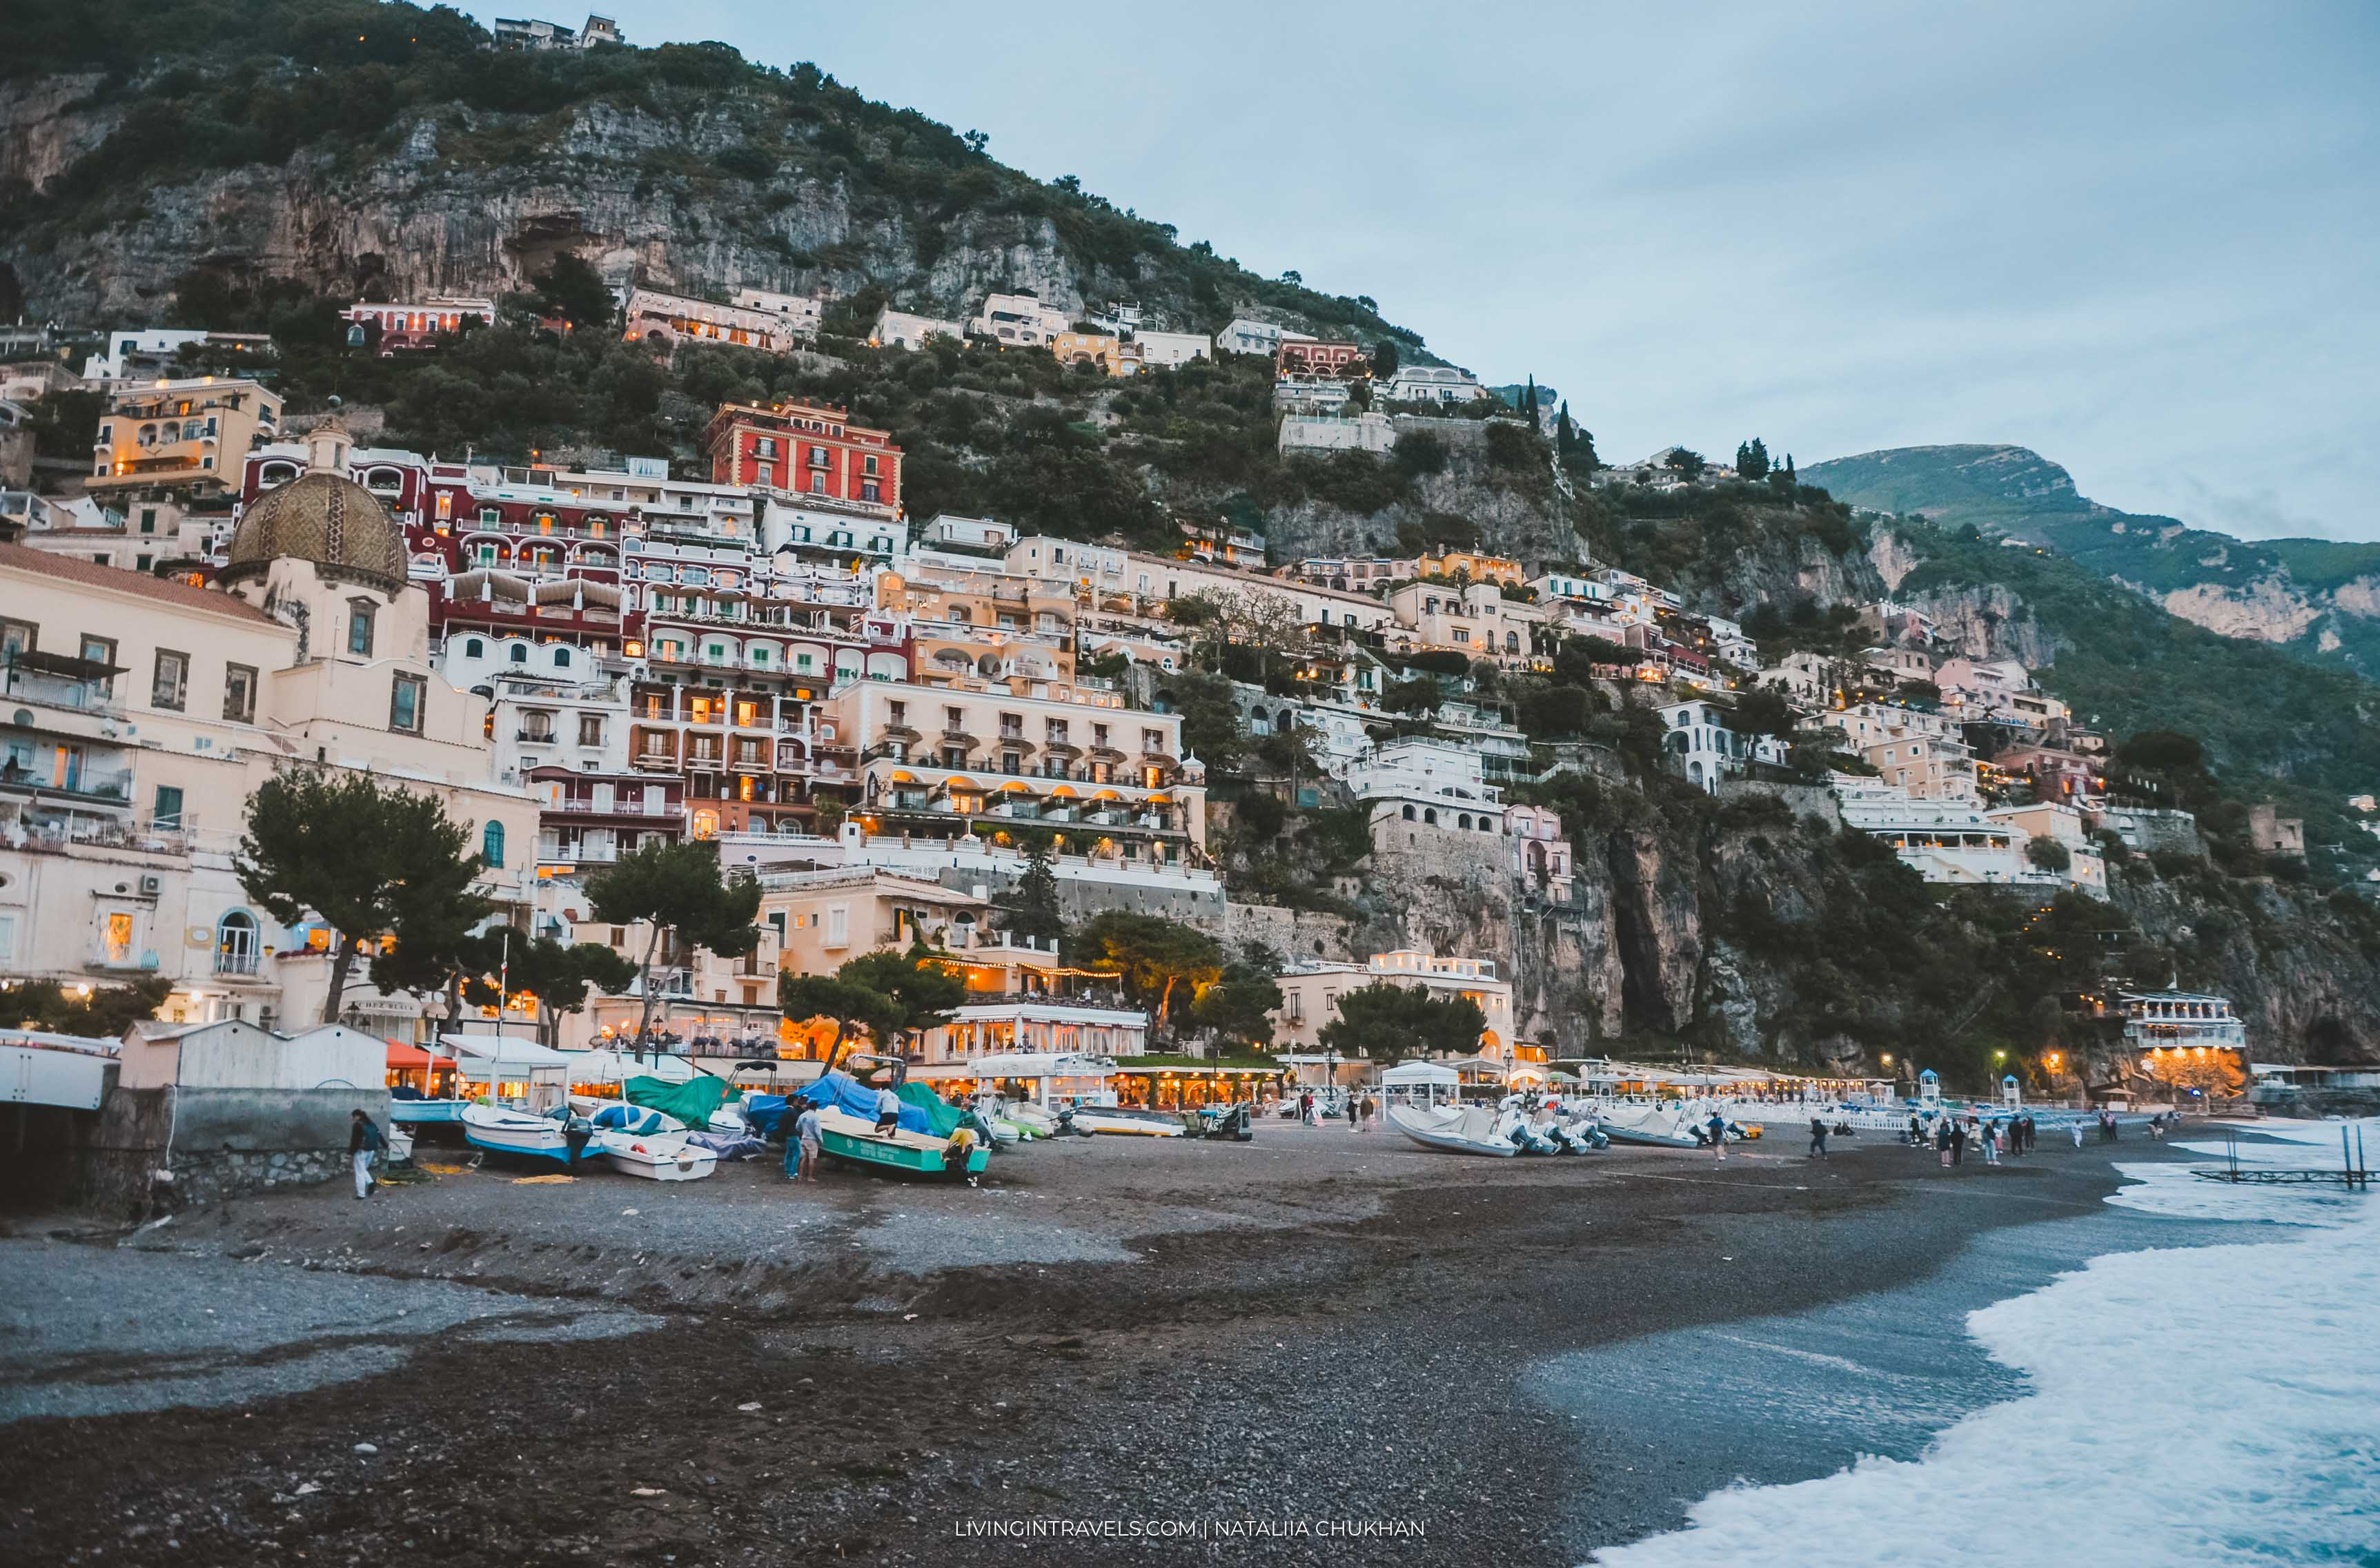 7 городов на Амальфитанском побережье, которые обязательно нужно увидеть